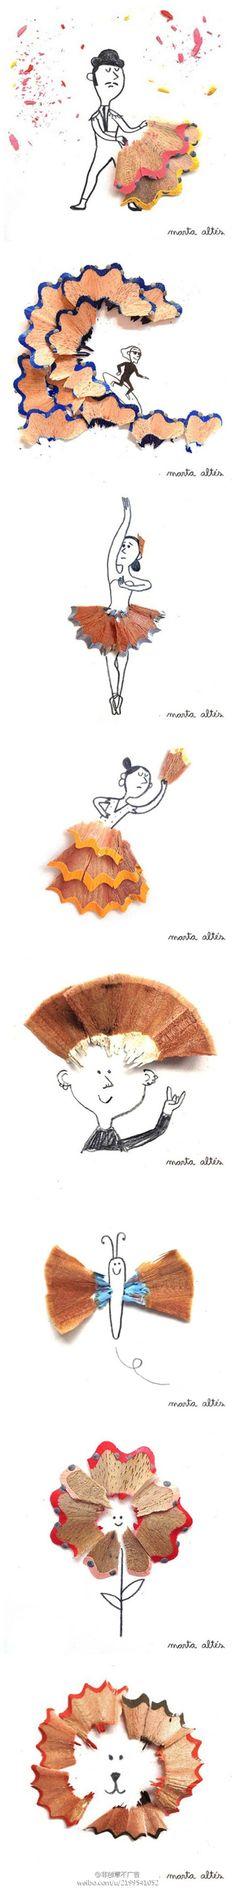 a series of super cute colour pencil shavings illustration by Marta Altés!